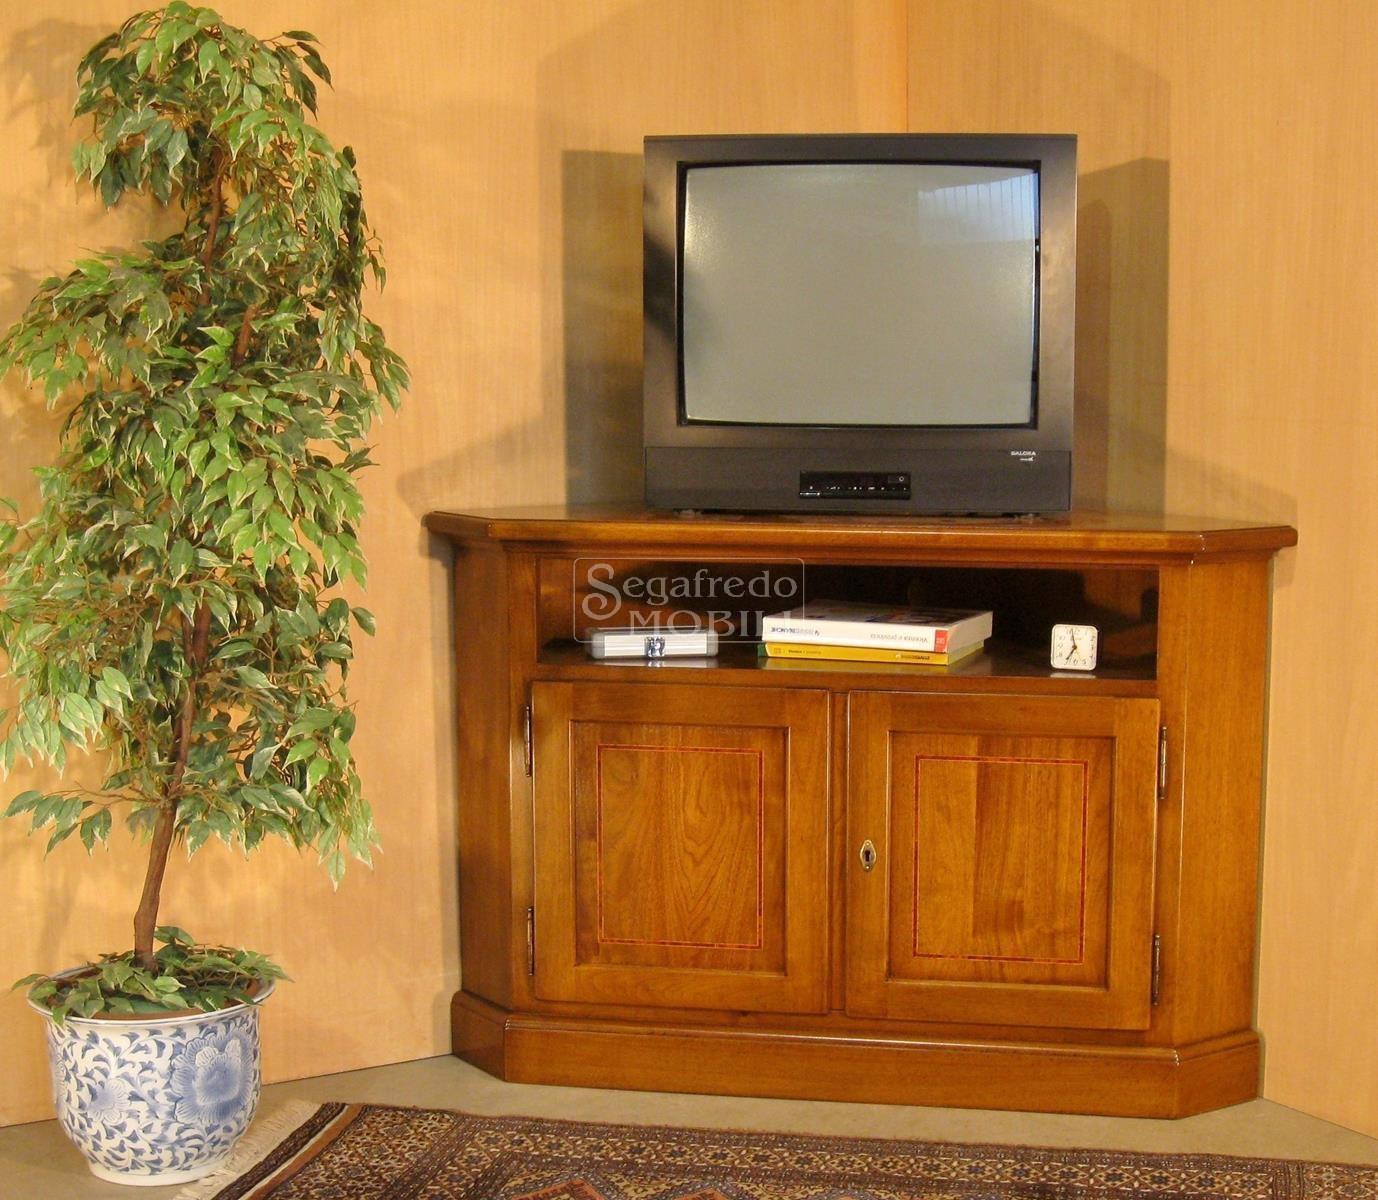 Porta Tv Ad Angolo In Legno Massiccio Mobilificio Segafredo  # Porta Televisore Ad Angolo